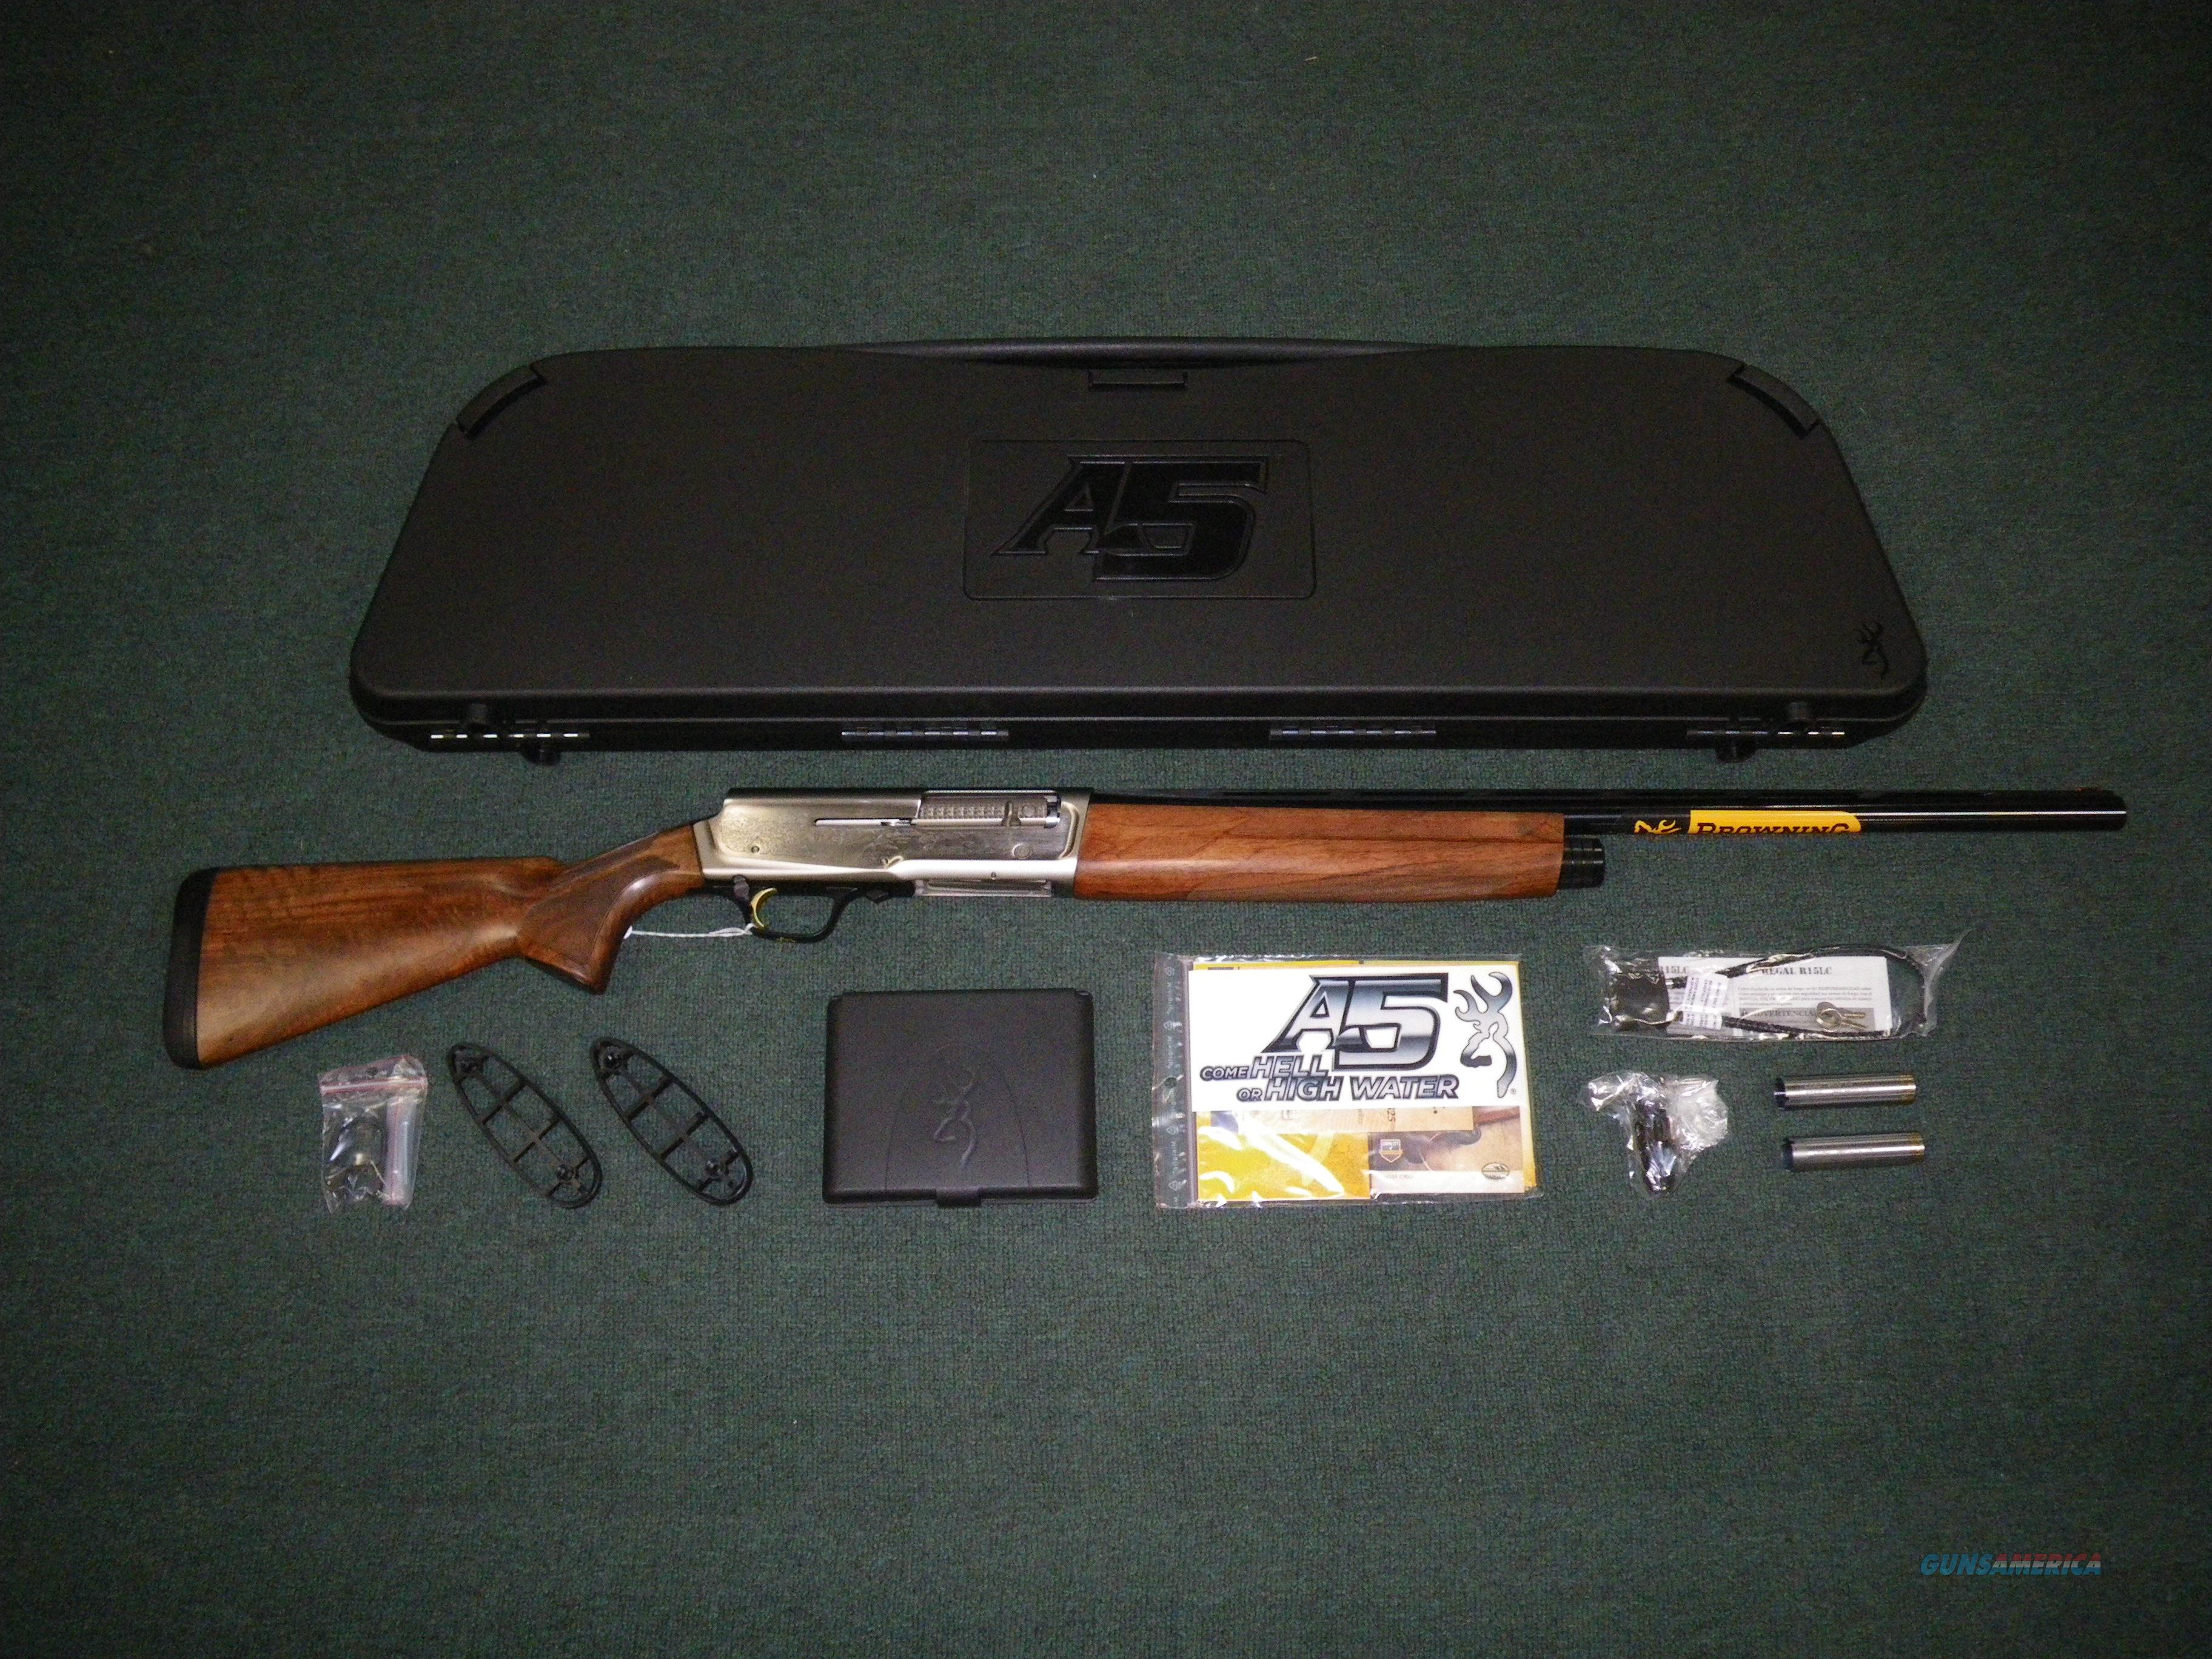 """Browning A5 Ultimate 12ga 26"""" NEW Grade III Wood #0118203005  Guns > Shotguns > Browning Shotguns > Autoloaders > Hunting"""